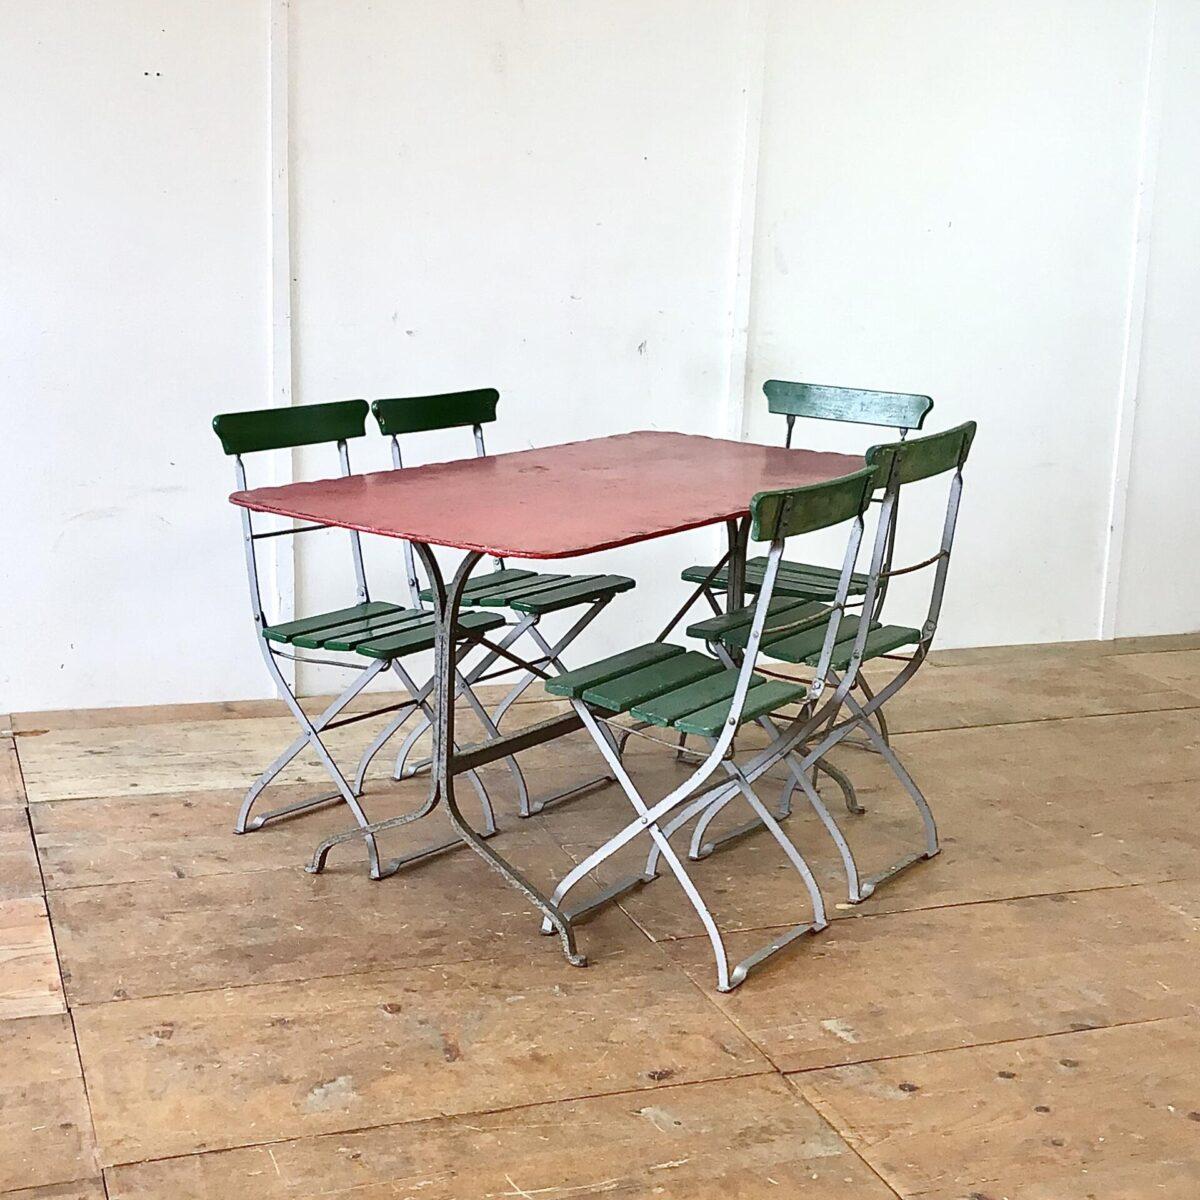 Deuxieme.shop metalltisch vintage Gartentisch Antiker Jugendstil Gartentisch 140x75cm Höhe 75cm. Dieser Metalltisch hat sichtbare Alterszeichen, keine Durchrostung.